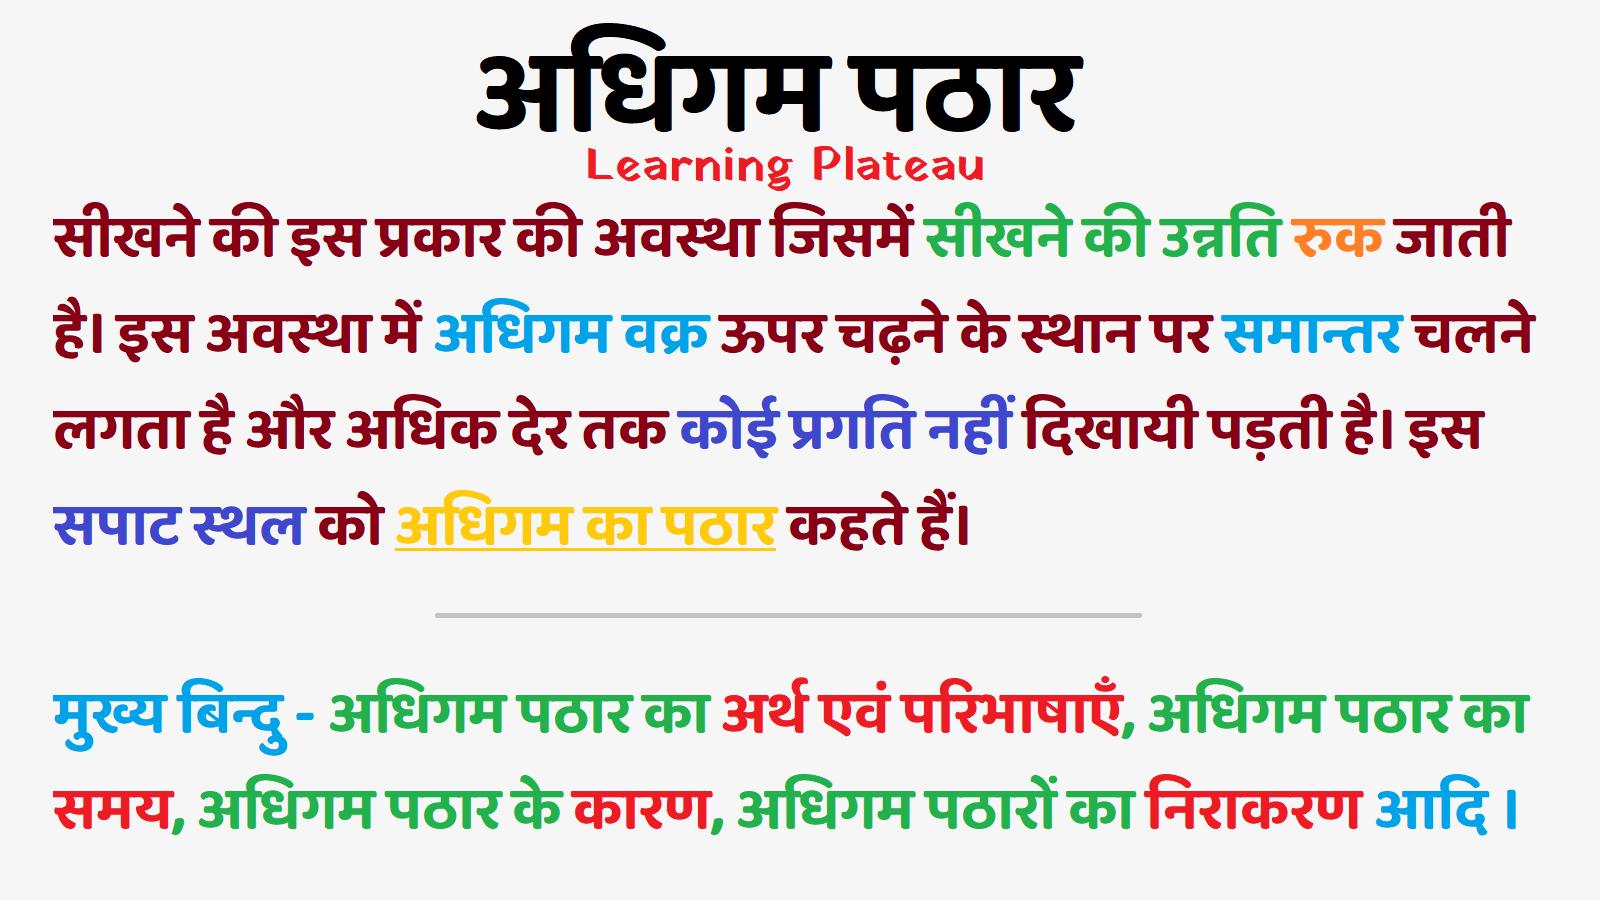 Adhigam Pathar